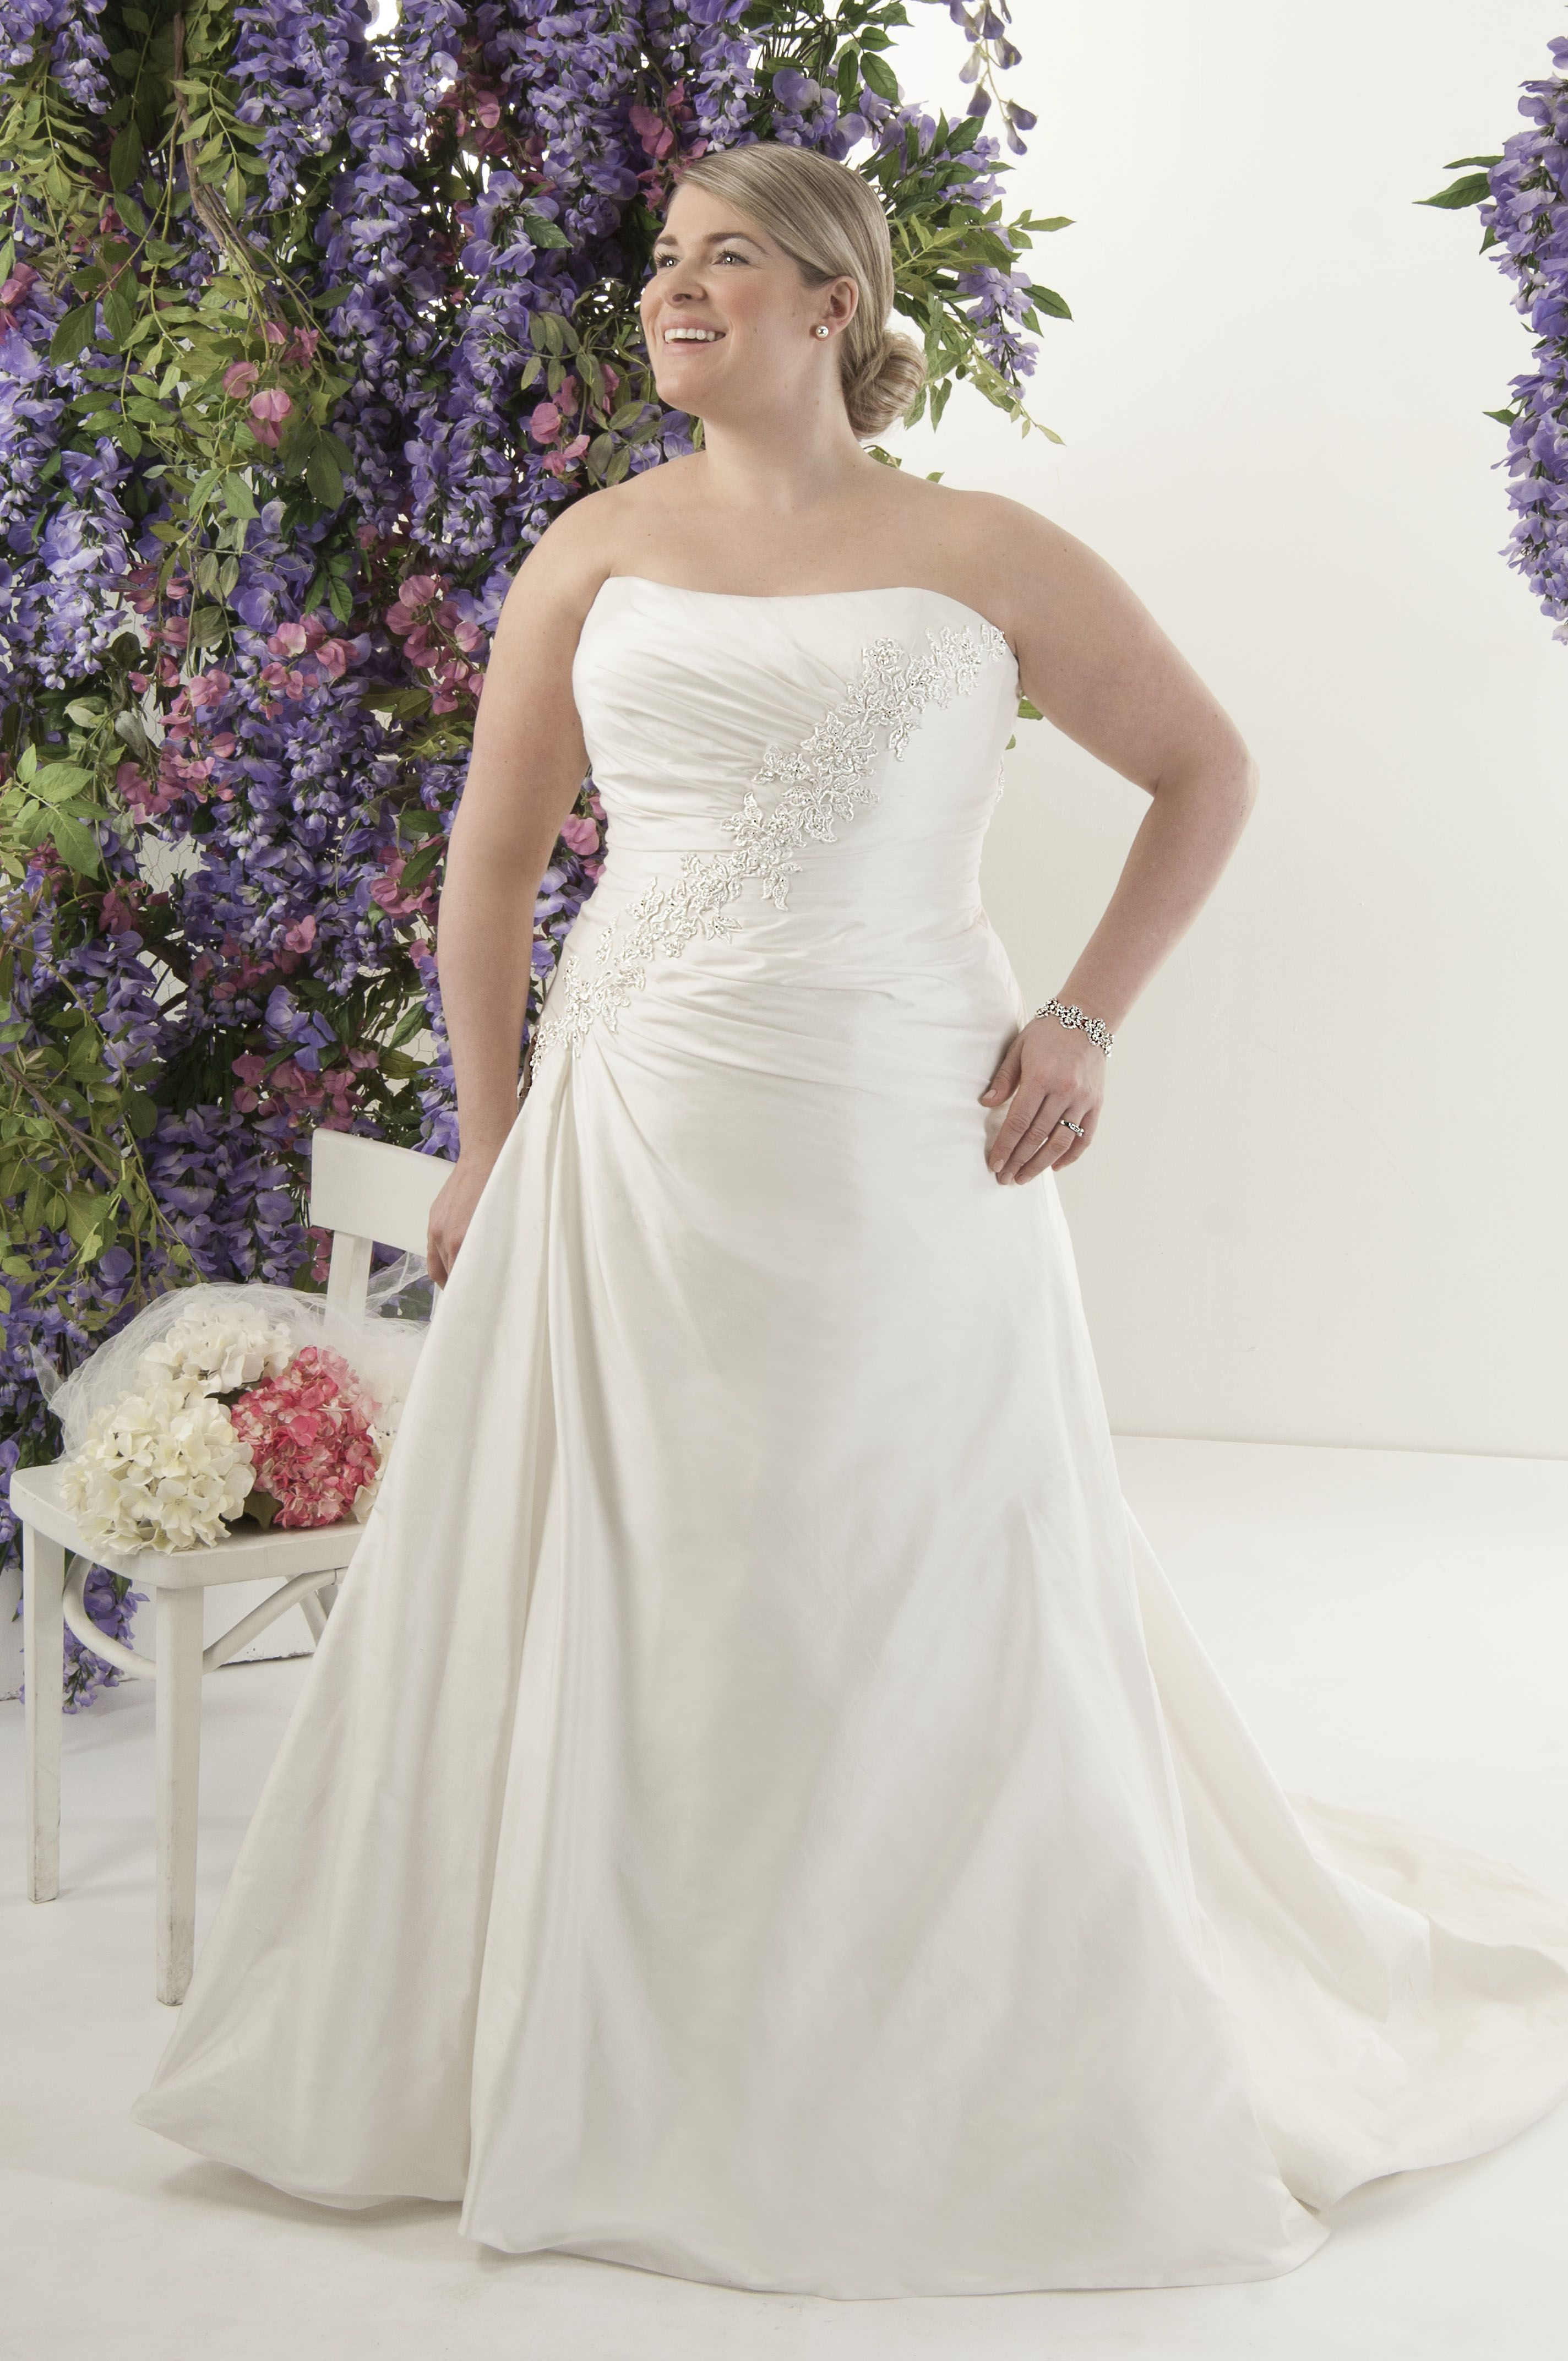 Fantastisch Belle Arthochzeitskleid Galerie - Hochzeitskleid Für ...